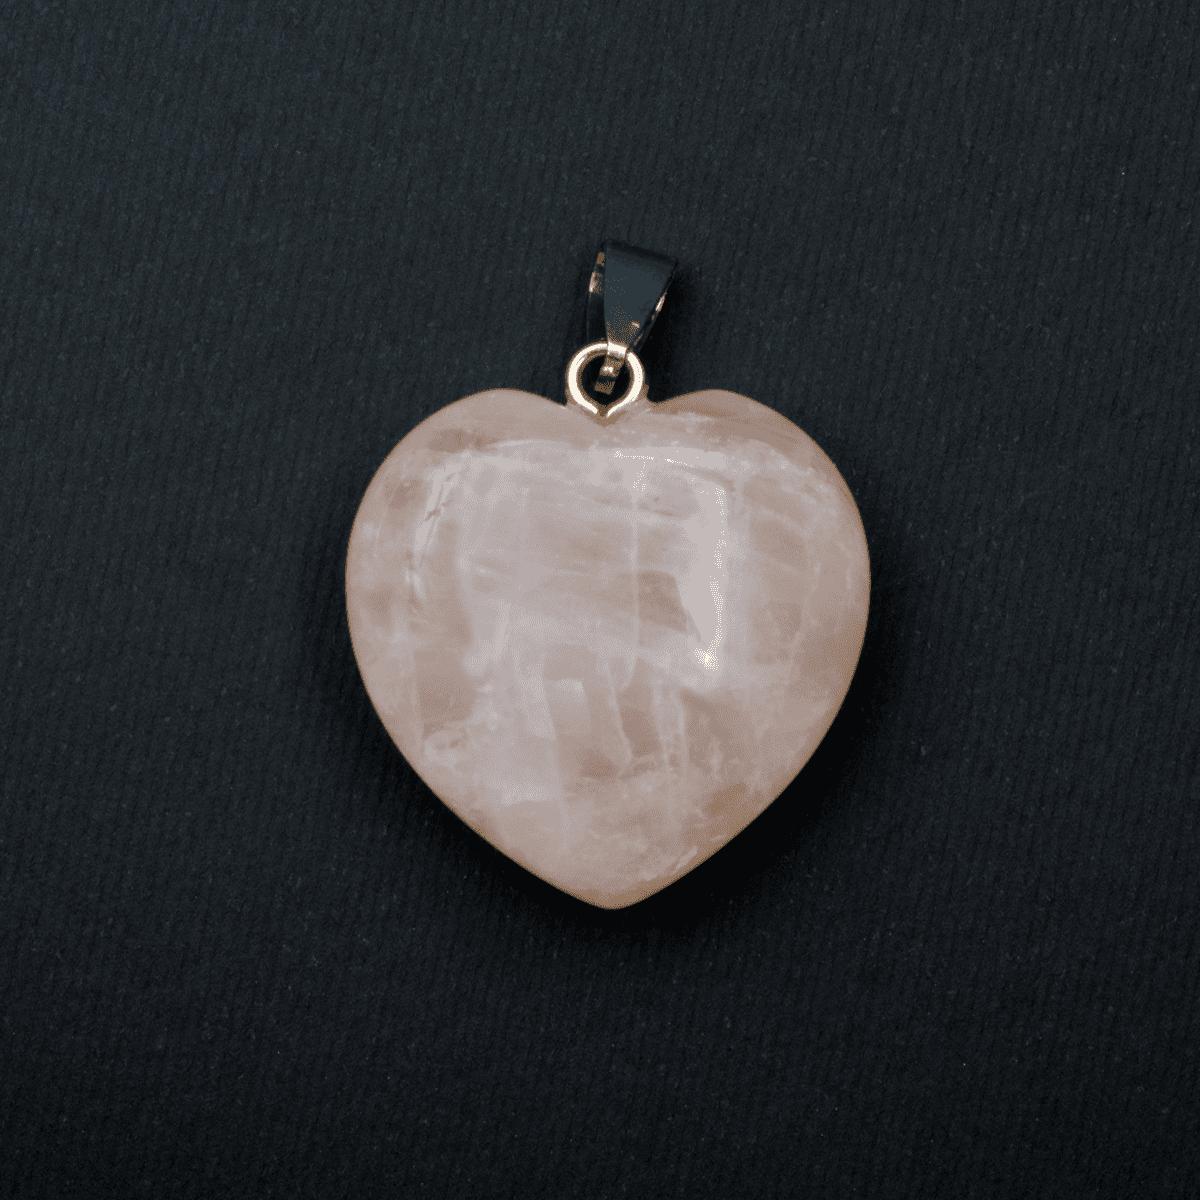 Milujeme Kameny - ruzenin tromlovaný kámen - přívěsek srdce